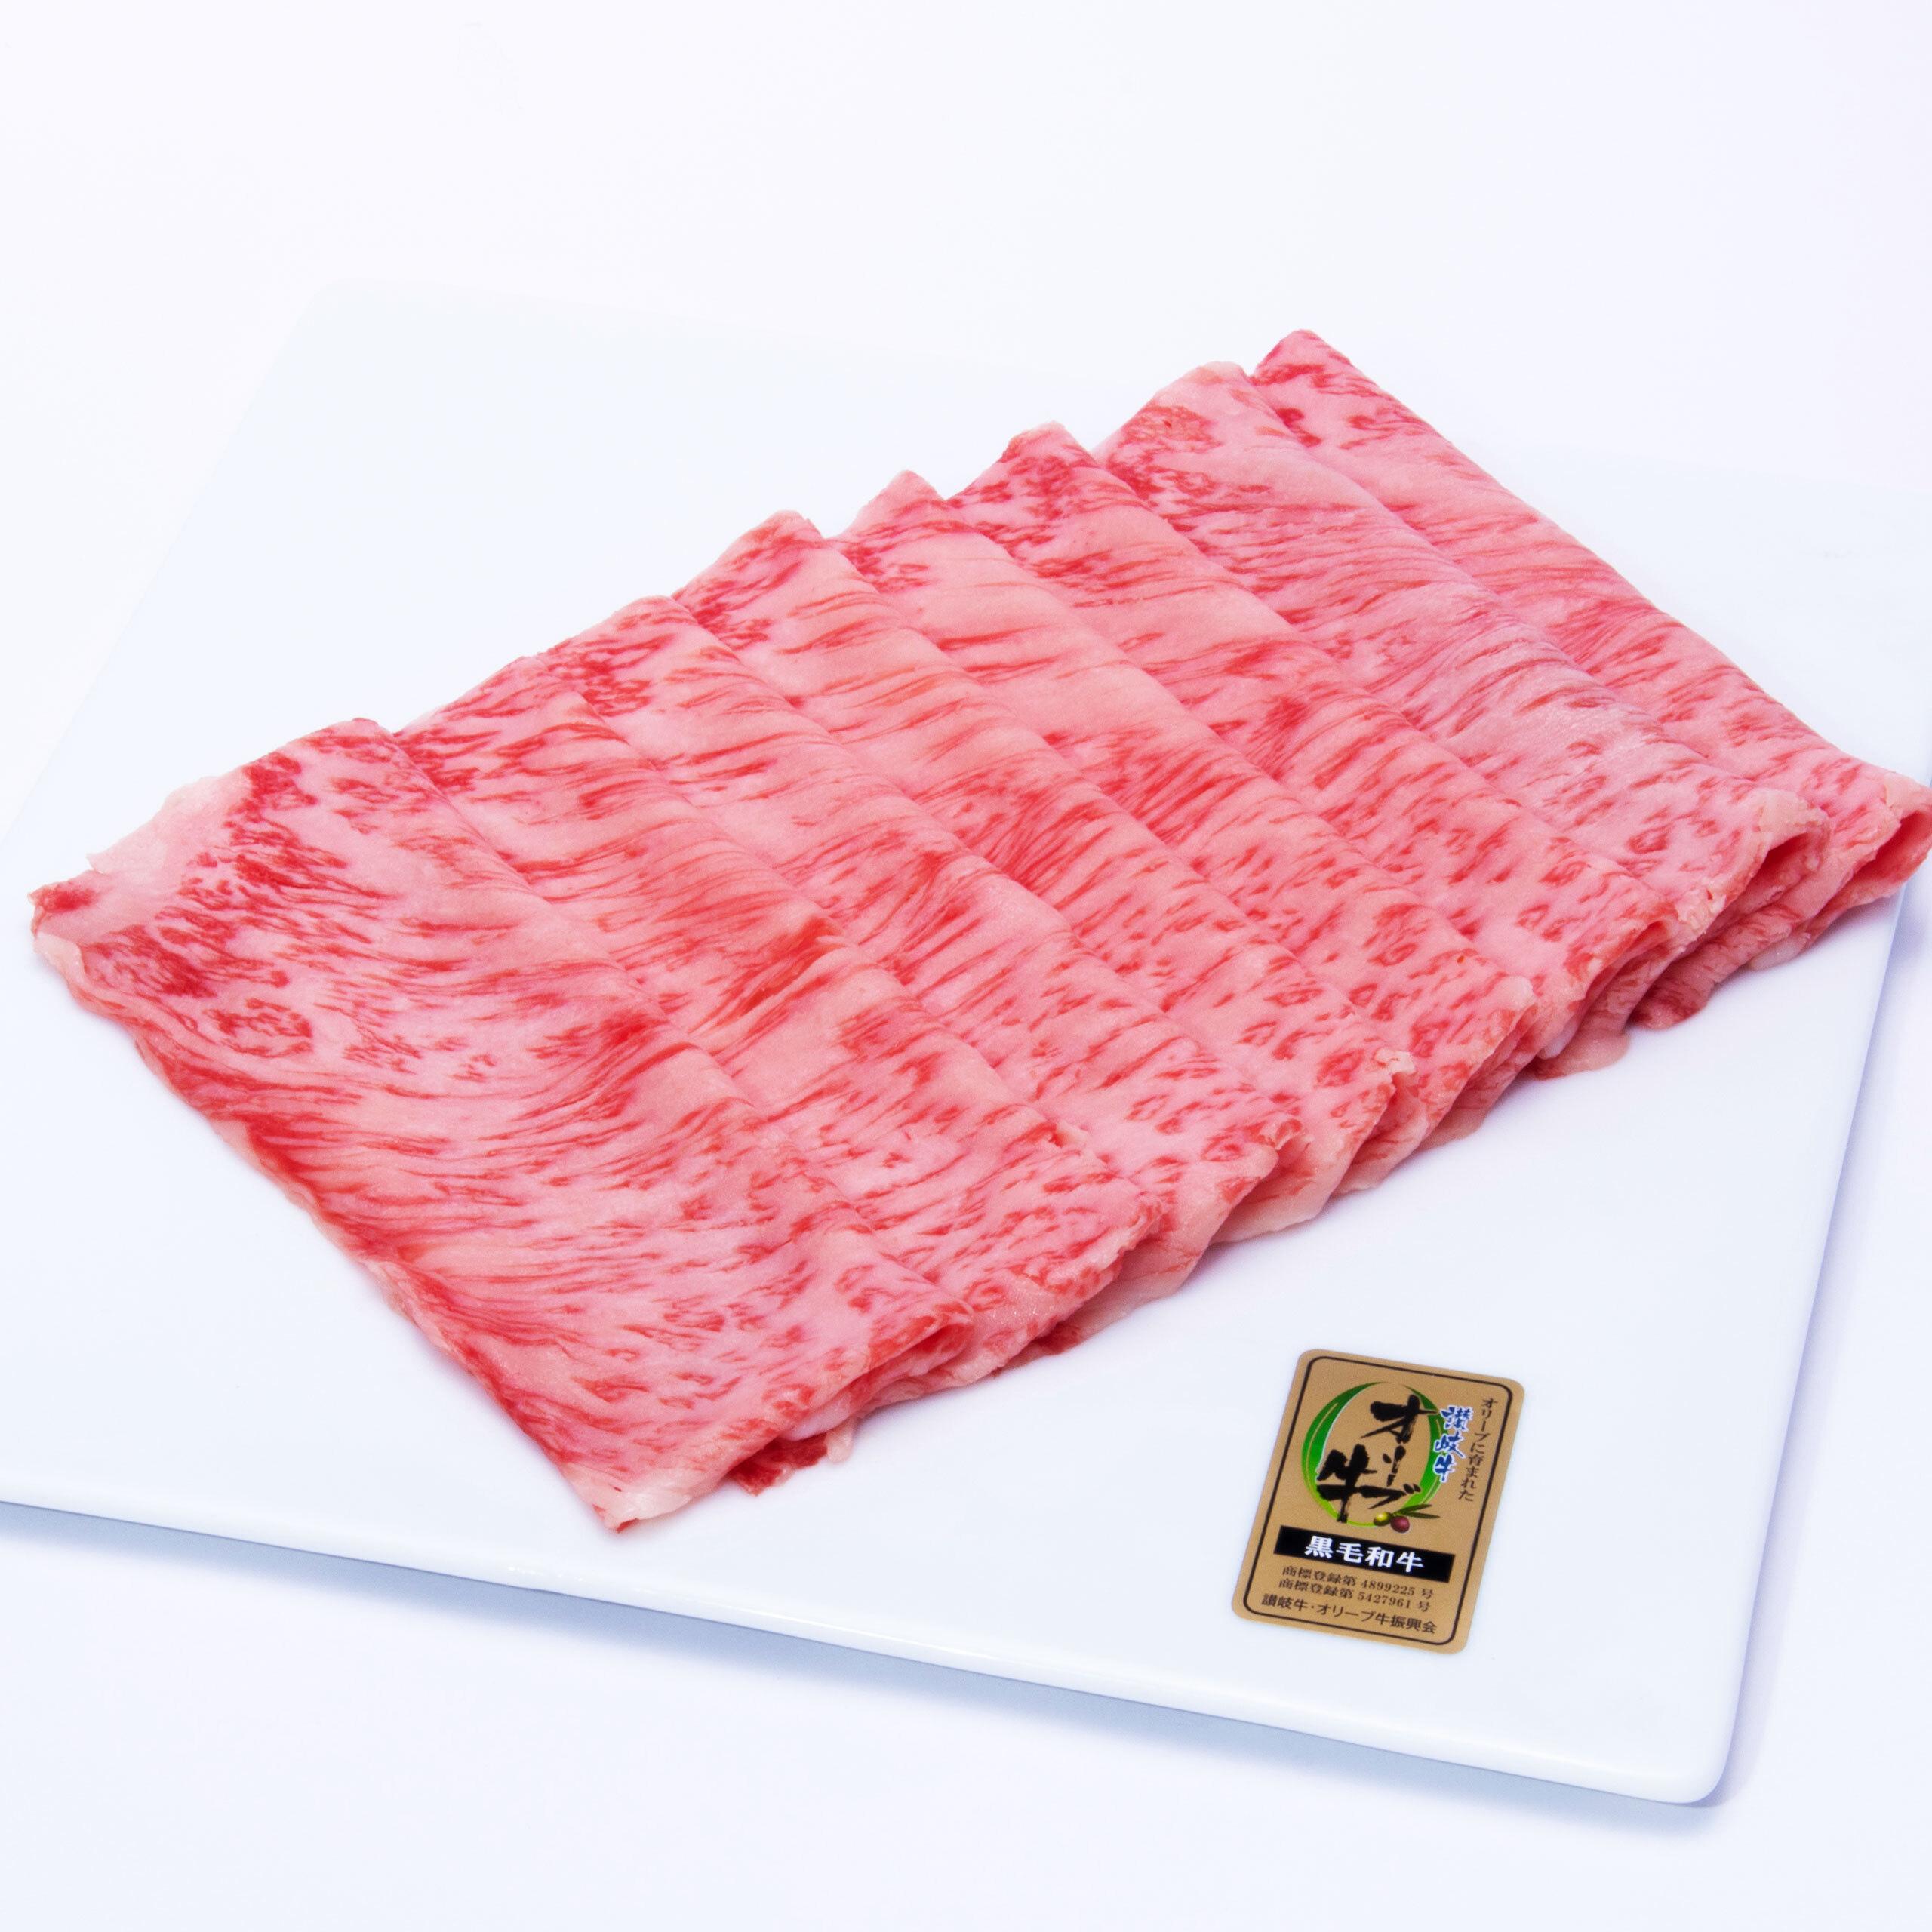 オリーブ牛ロース|すき焼き:500g